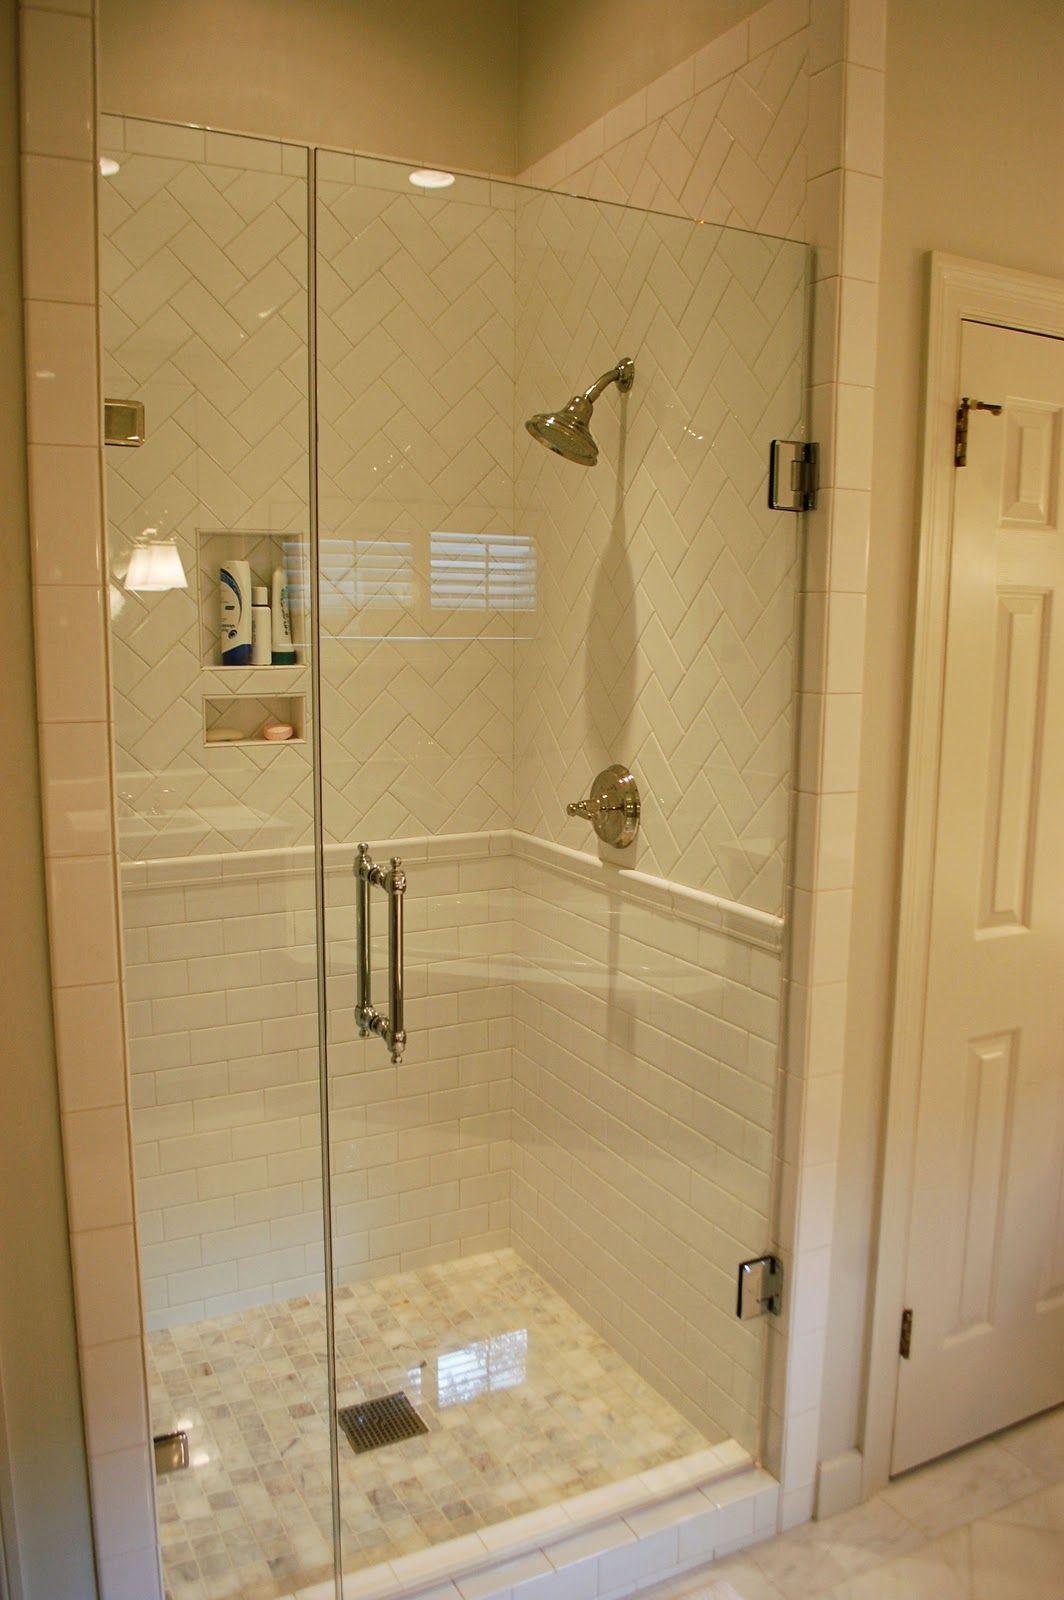 DSC_0839+copy.jpg 1,064×1,600 pixels | Bathroom ideas | Pinterest ...